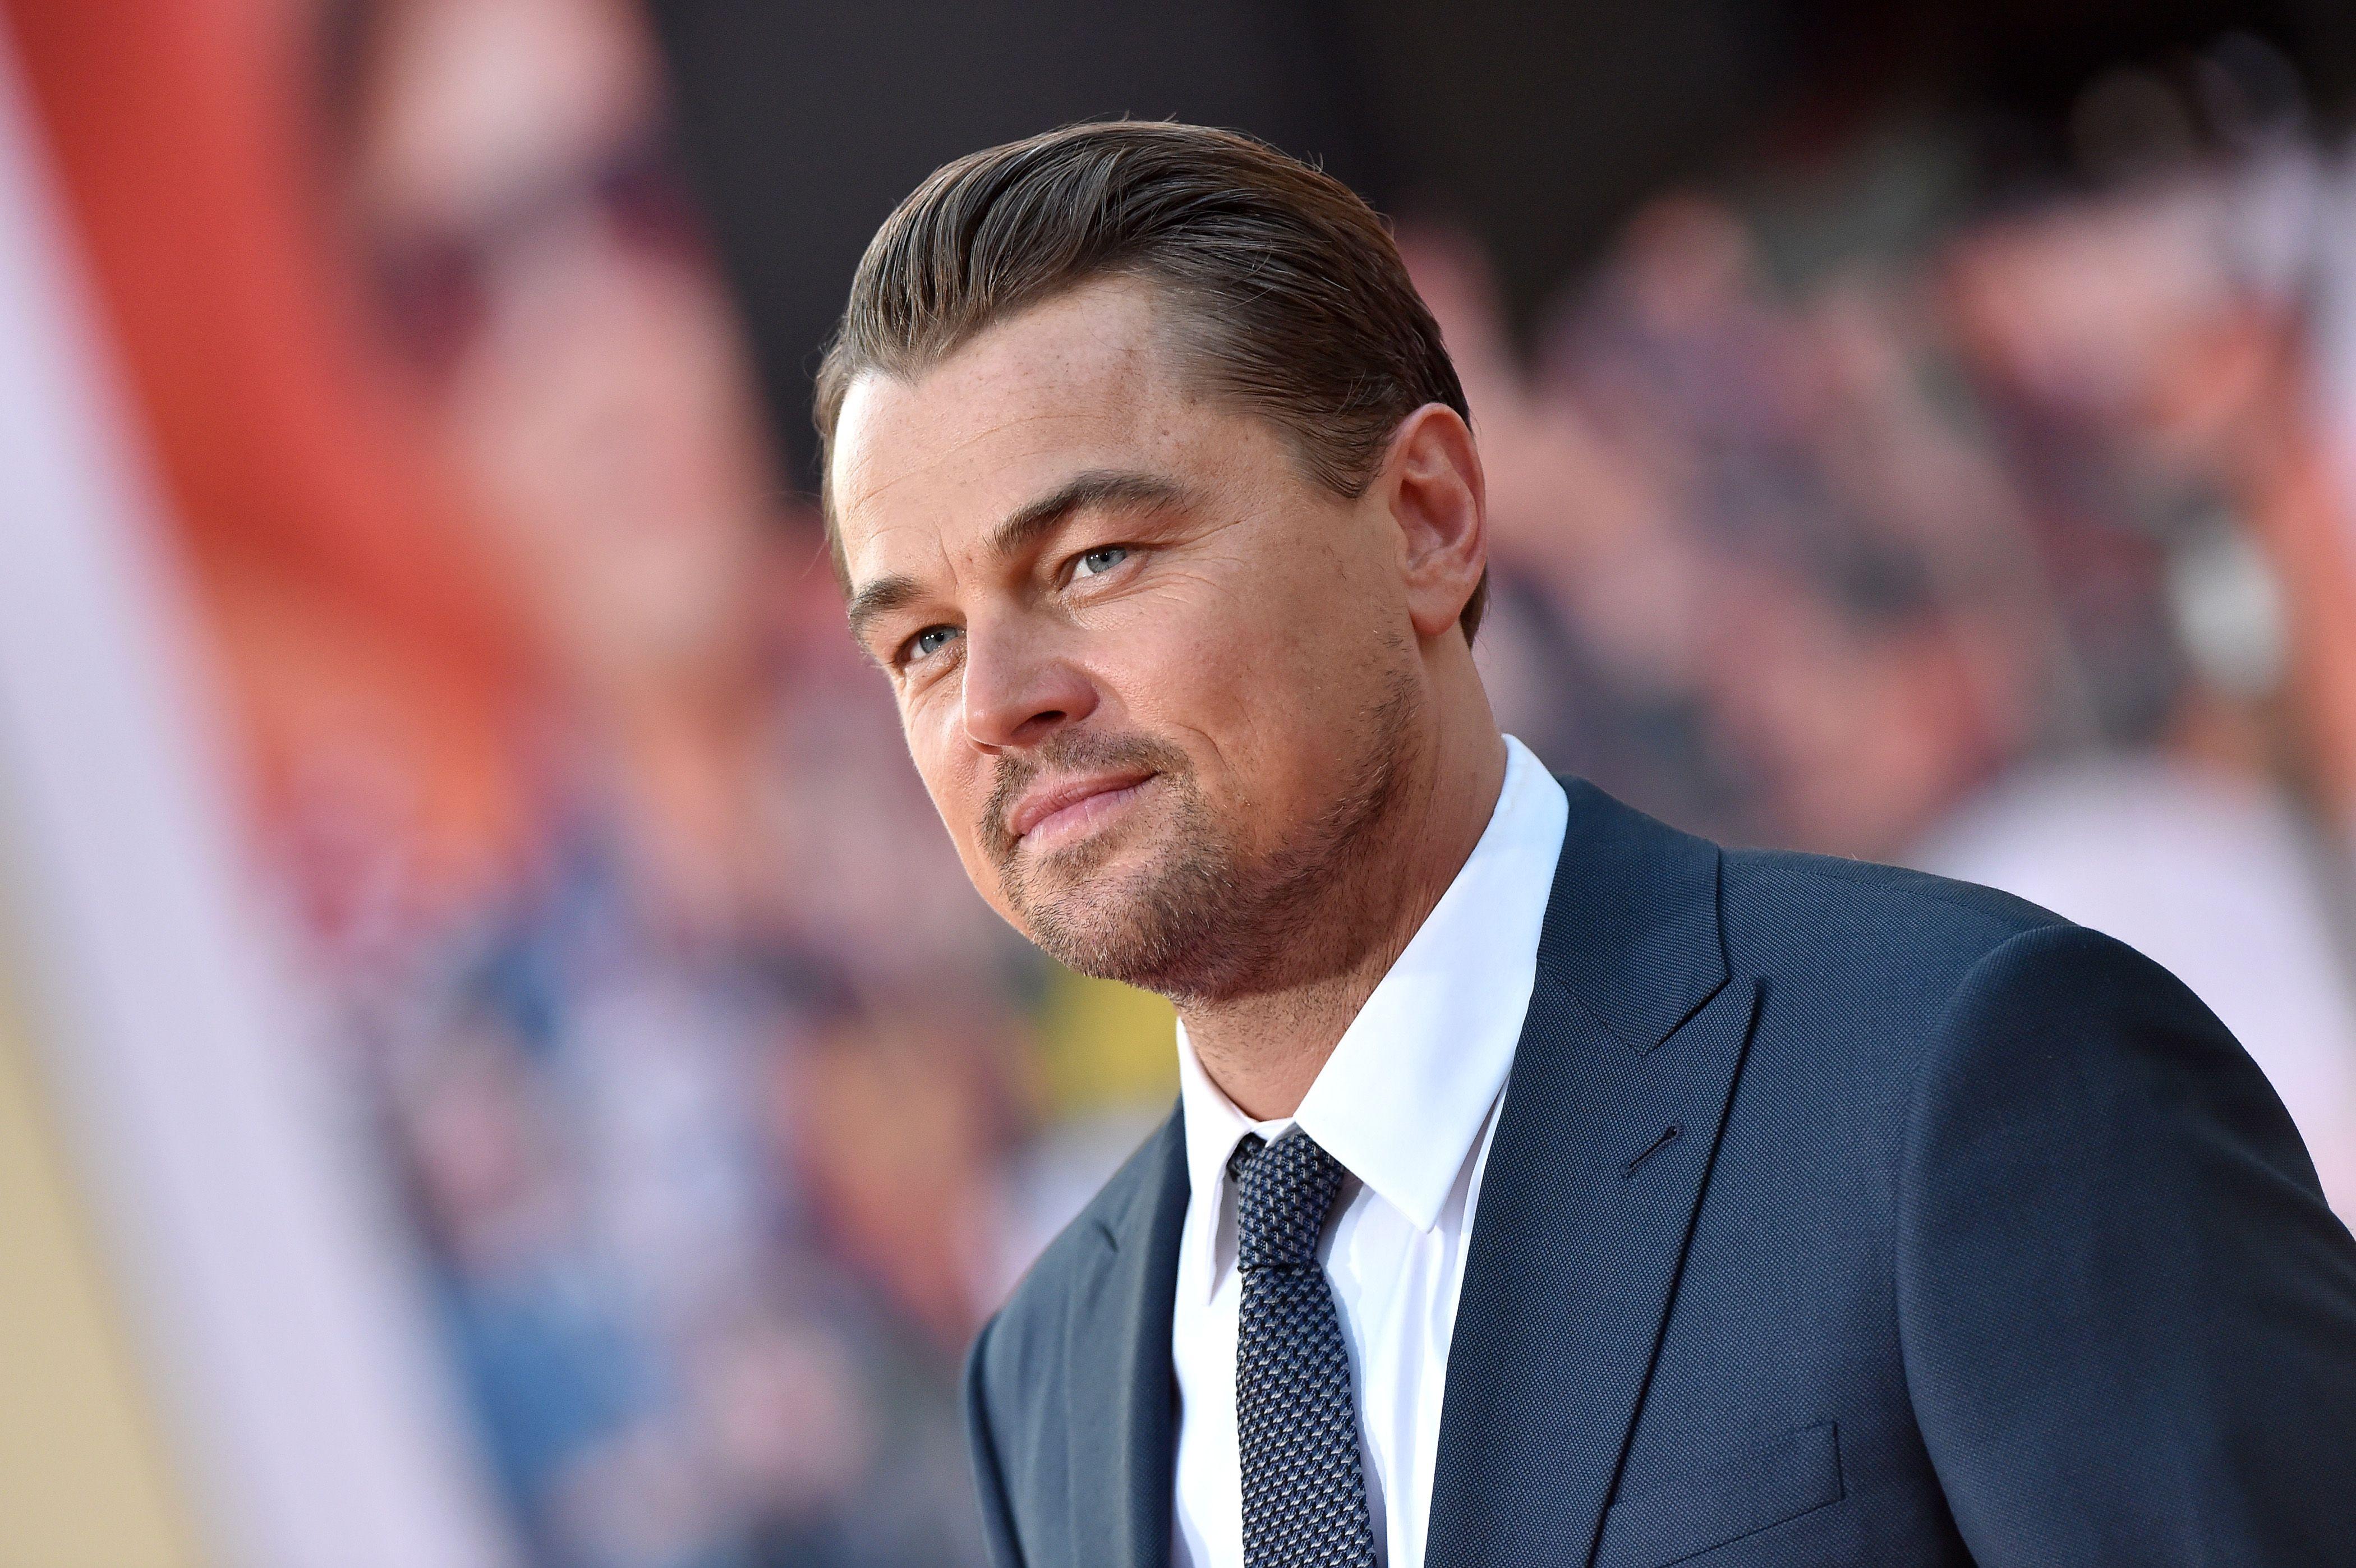 La fundación de Leonardo DiCaprio dona 5 millones al Amazonas